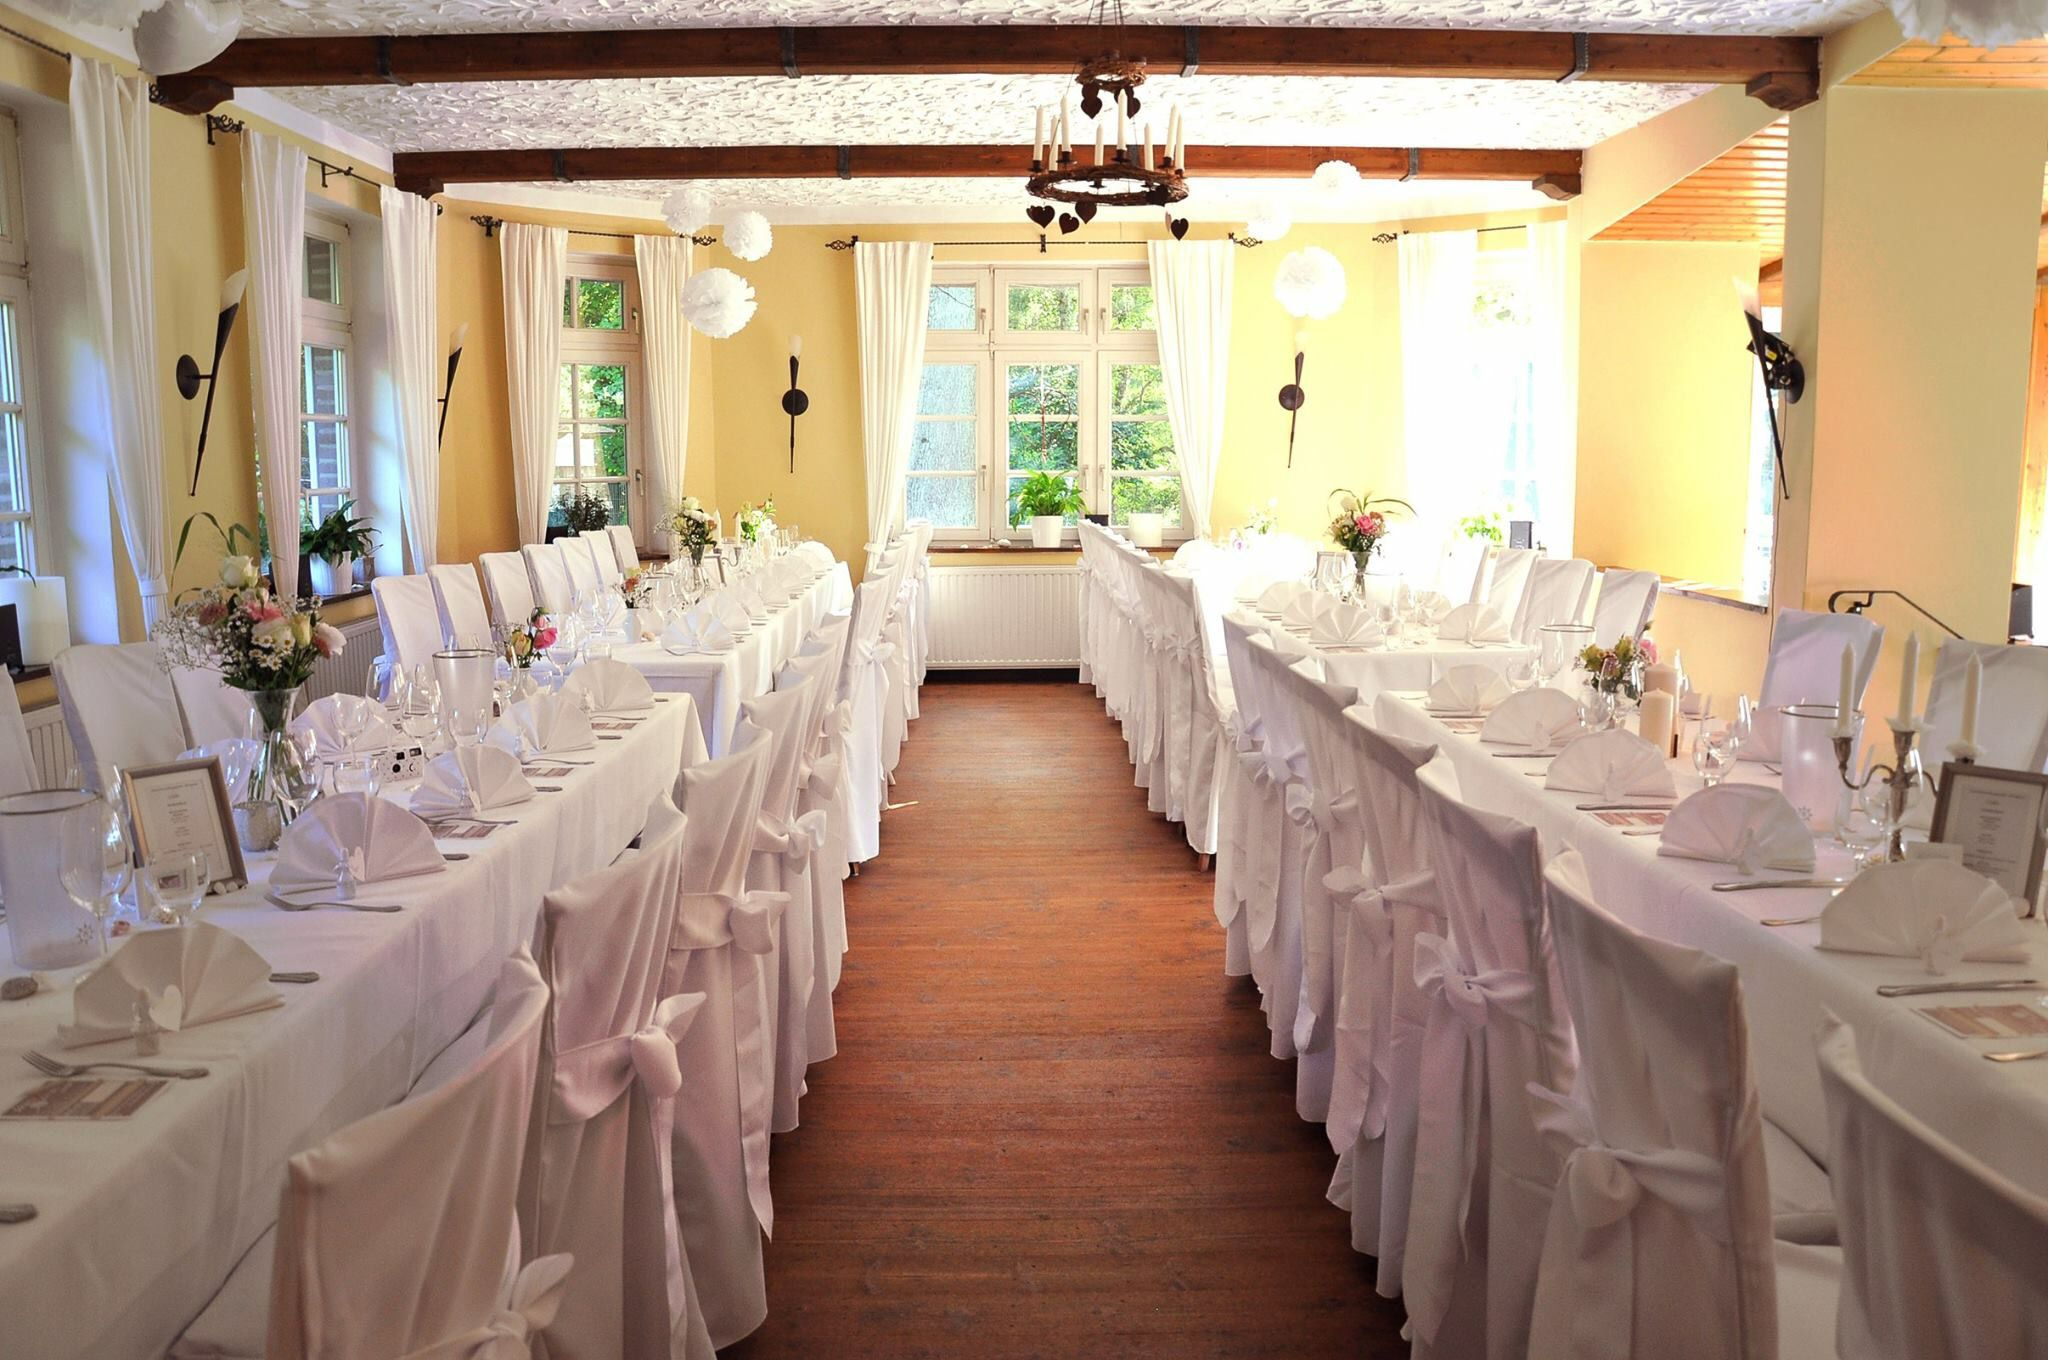 Das Strandhus Grossensee Restaurant Hochzeiten Feierlichkeiten Hochzeit Am See Restaurant Feierlichkeiten